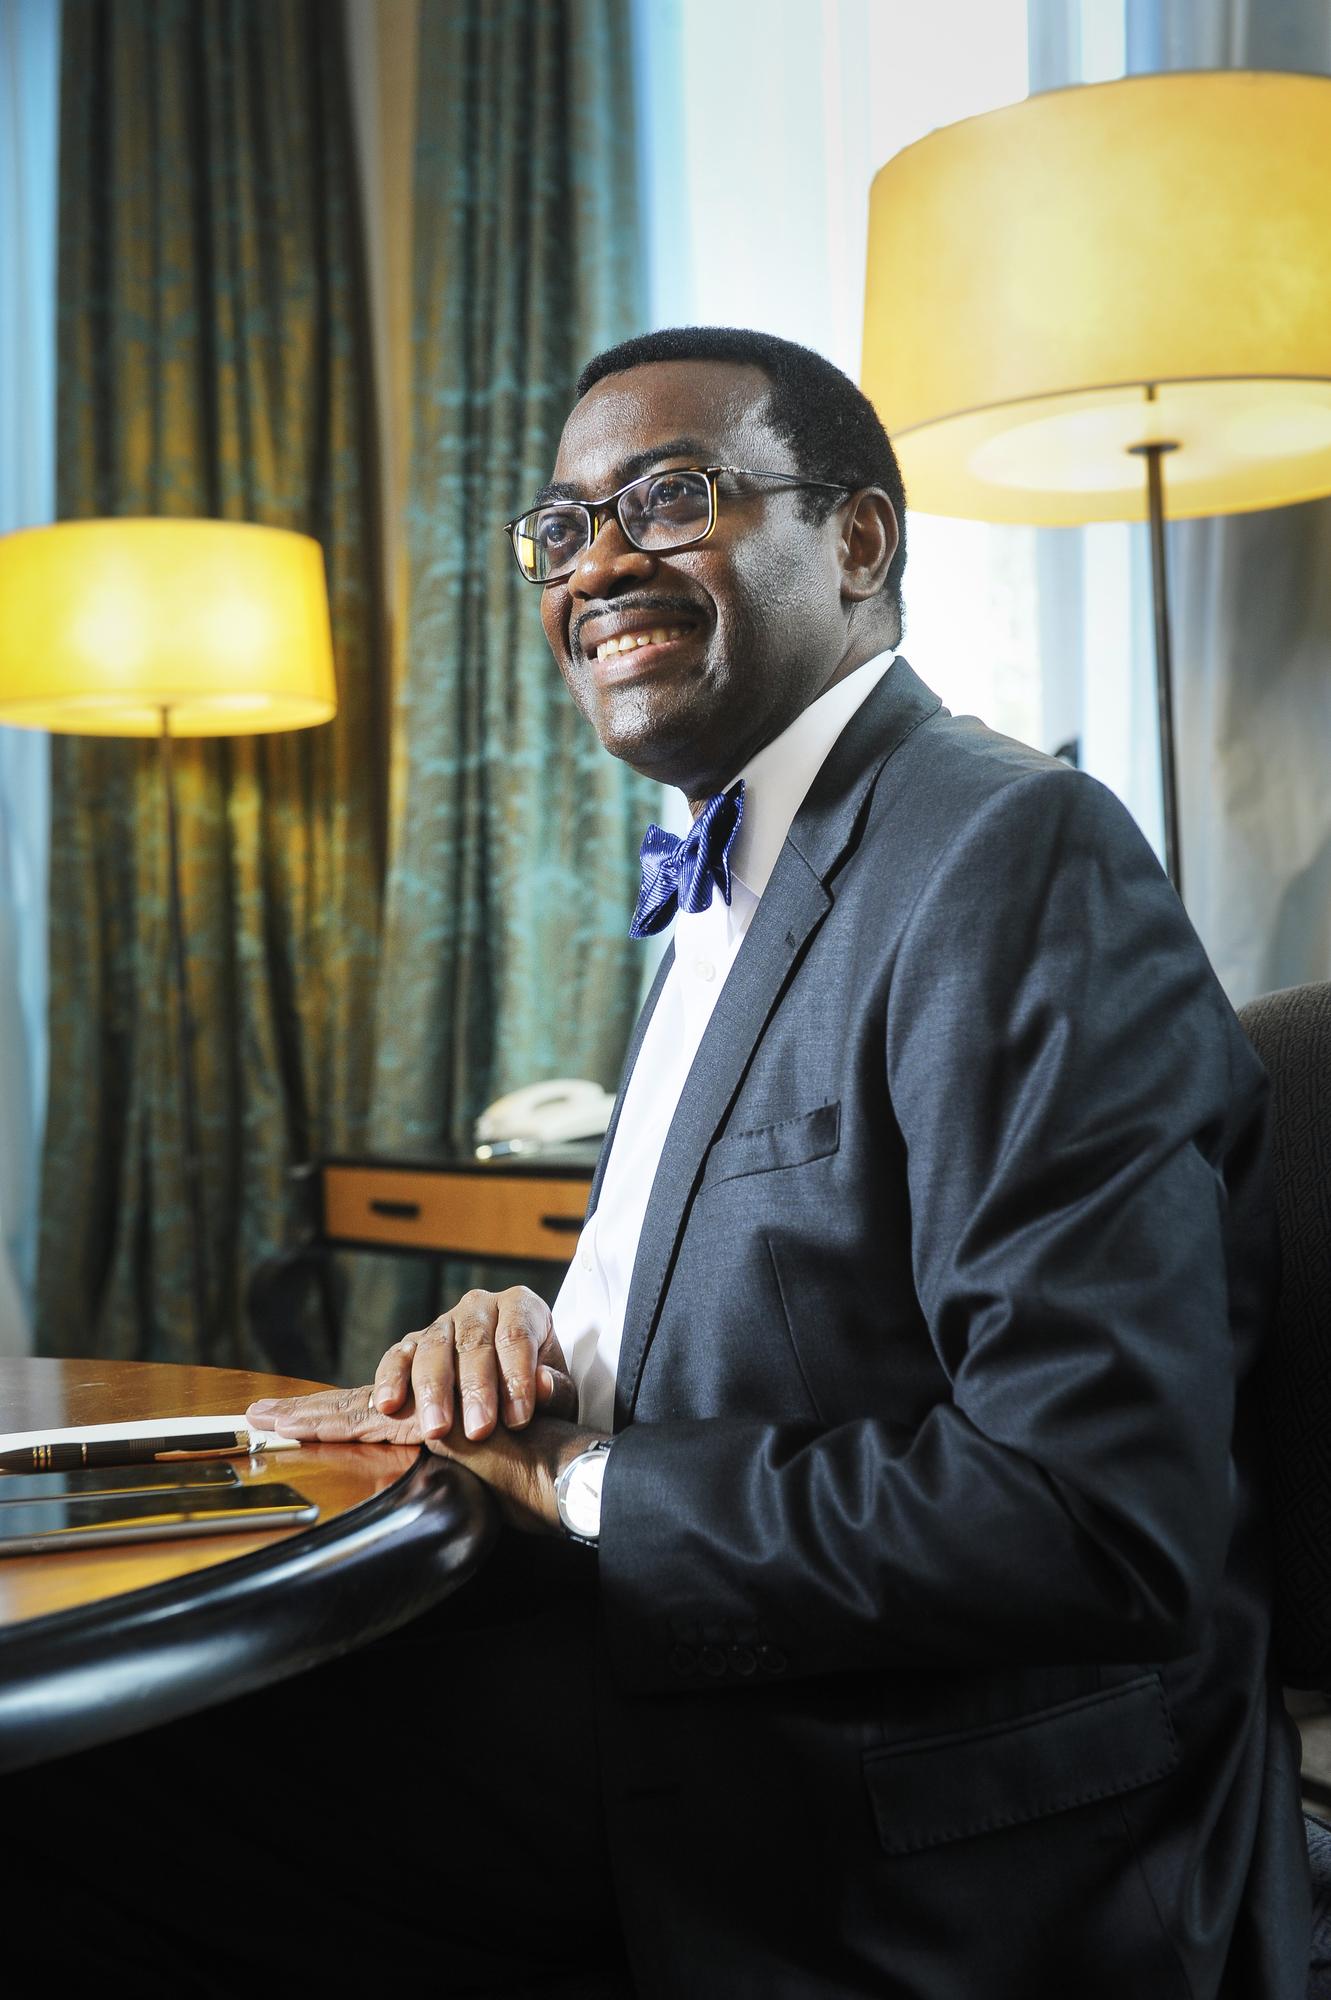 Akinwumi Ayodeji Adesina (Nigeria), ancien ministre de l'Agriculture et du développement, président de la Banque Africaine de Développement depuis le 28 mai 2015. À Paris, le 7 septembre 2015